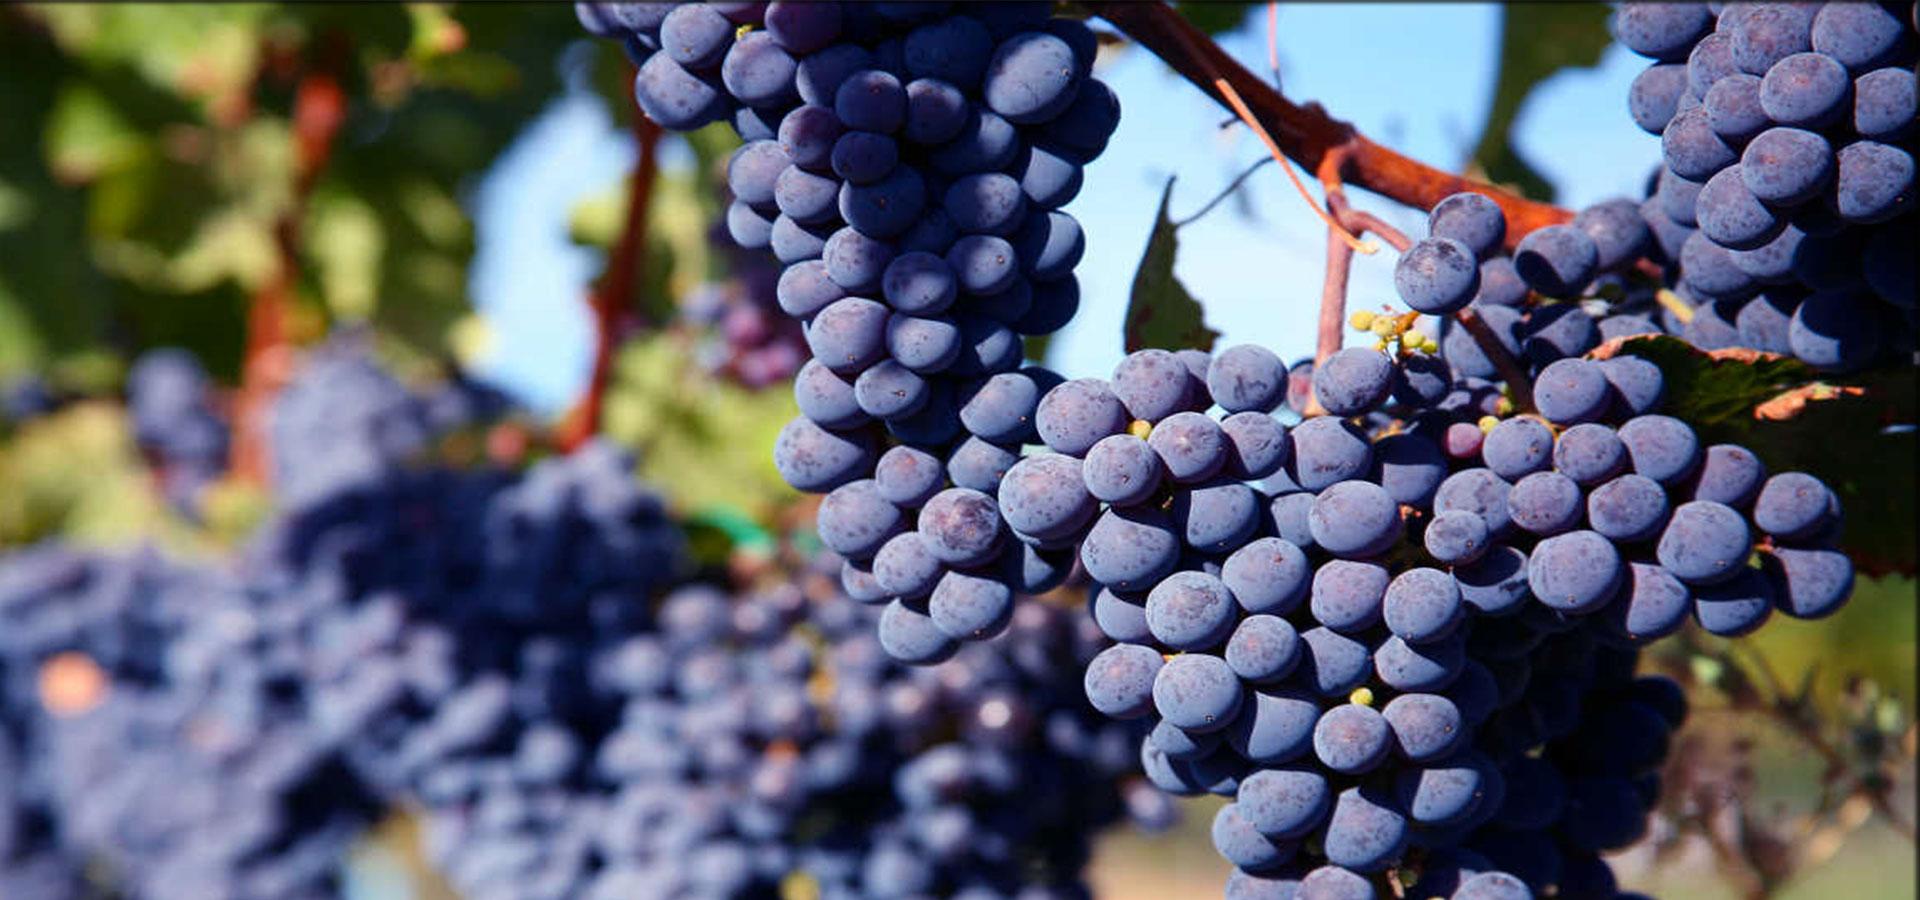 La qualità dell'uva